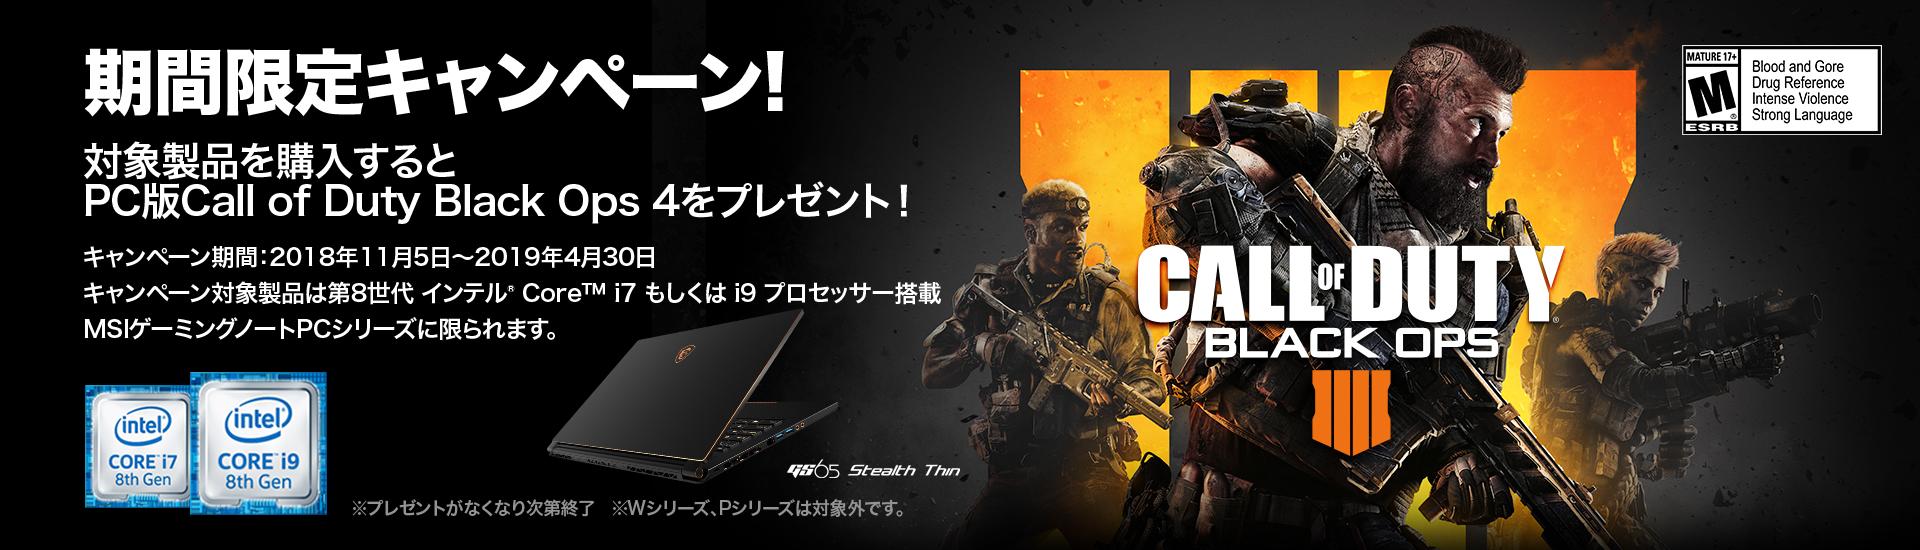 期間限定キャンペーン!PC版Call of Duty Black Ops 4をゲットしよう!